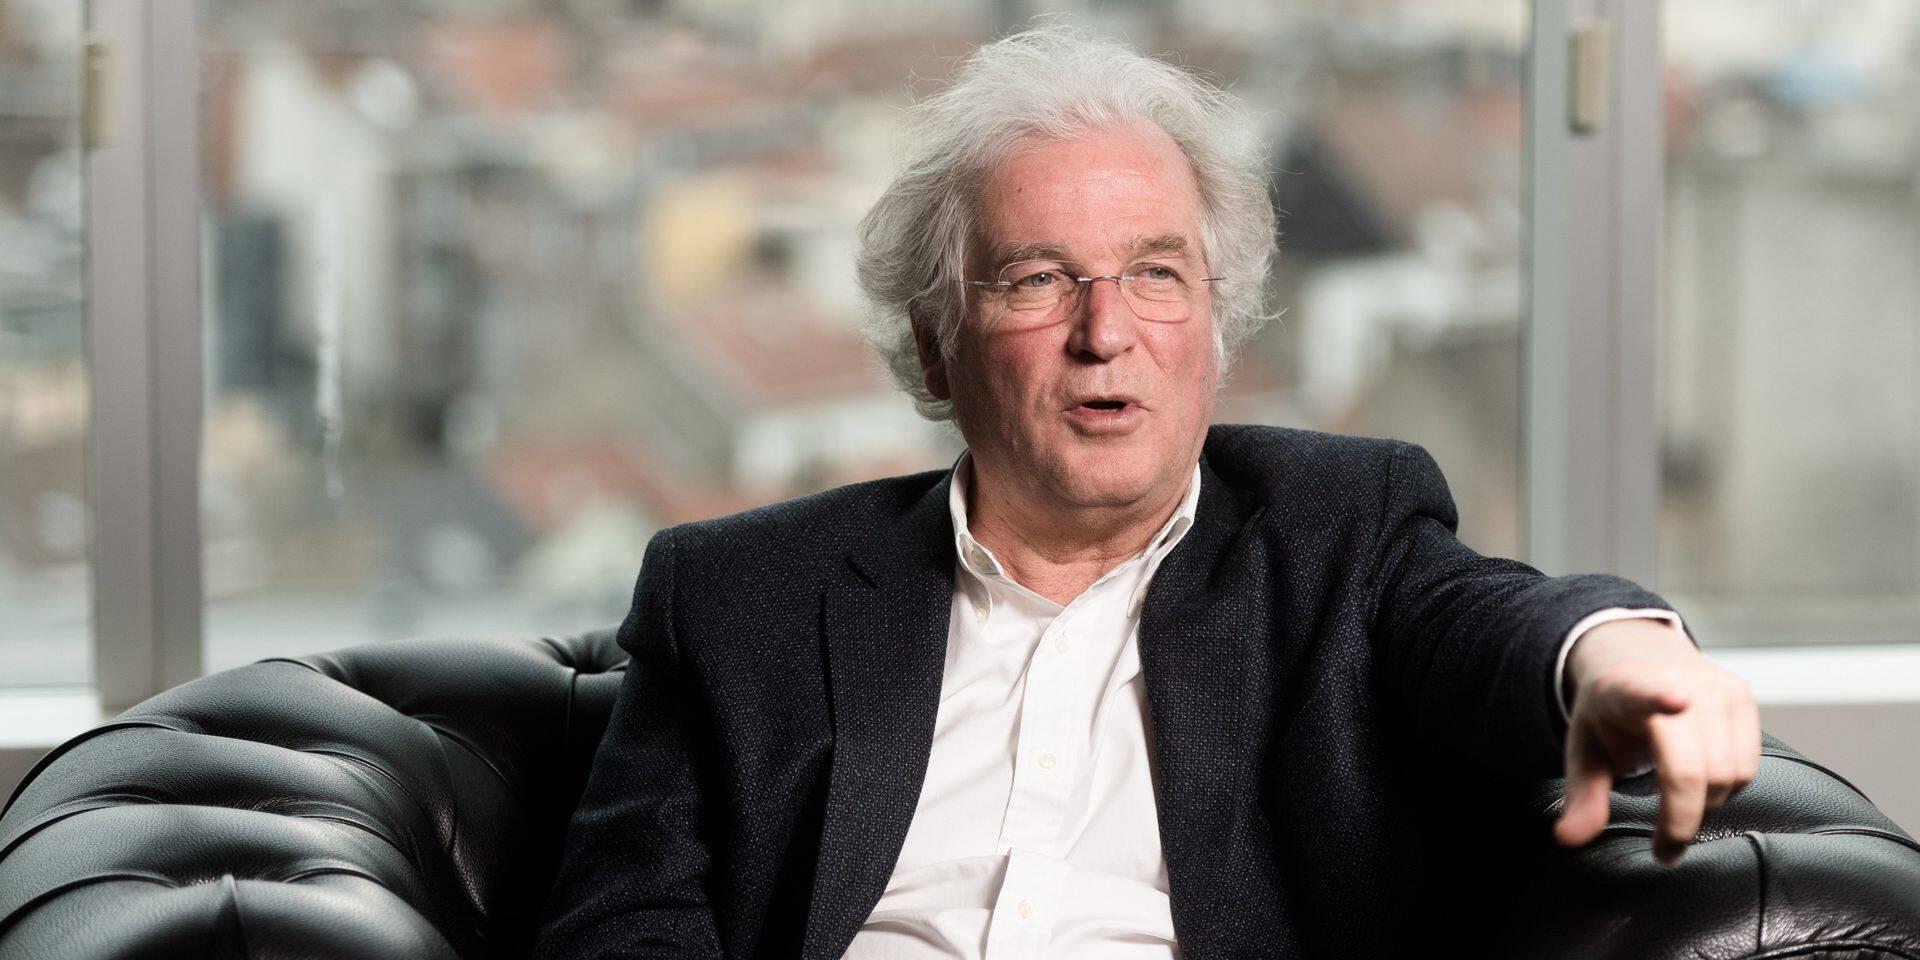 Pour Didier Gosuin, la consolidation de la Sécu passera par un effort d'équité et de solidarité fiscale